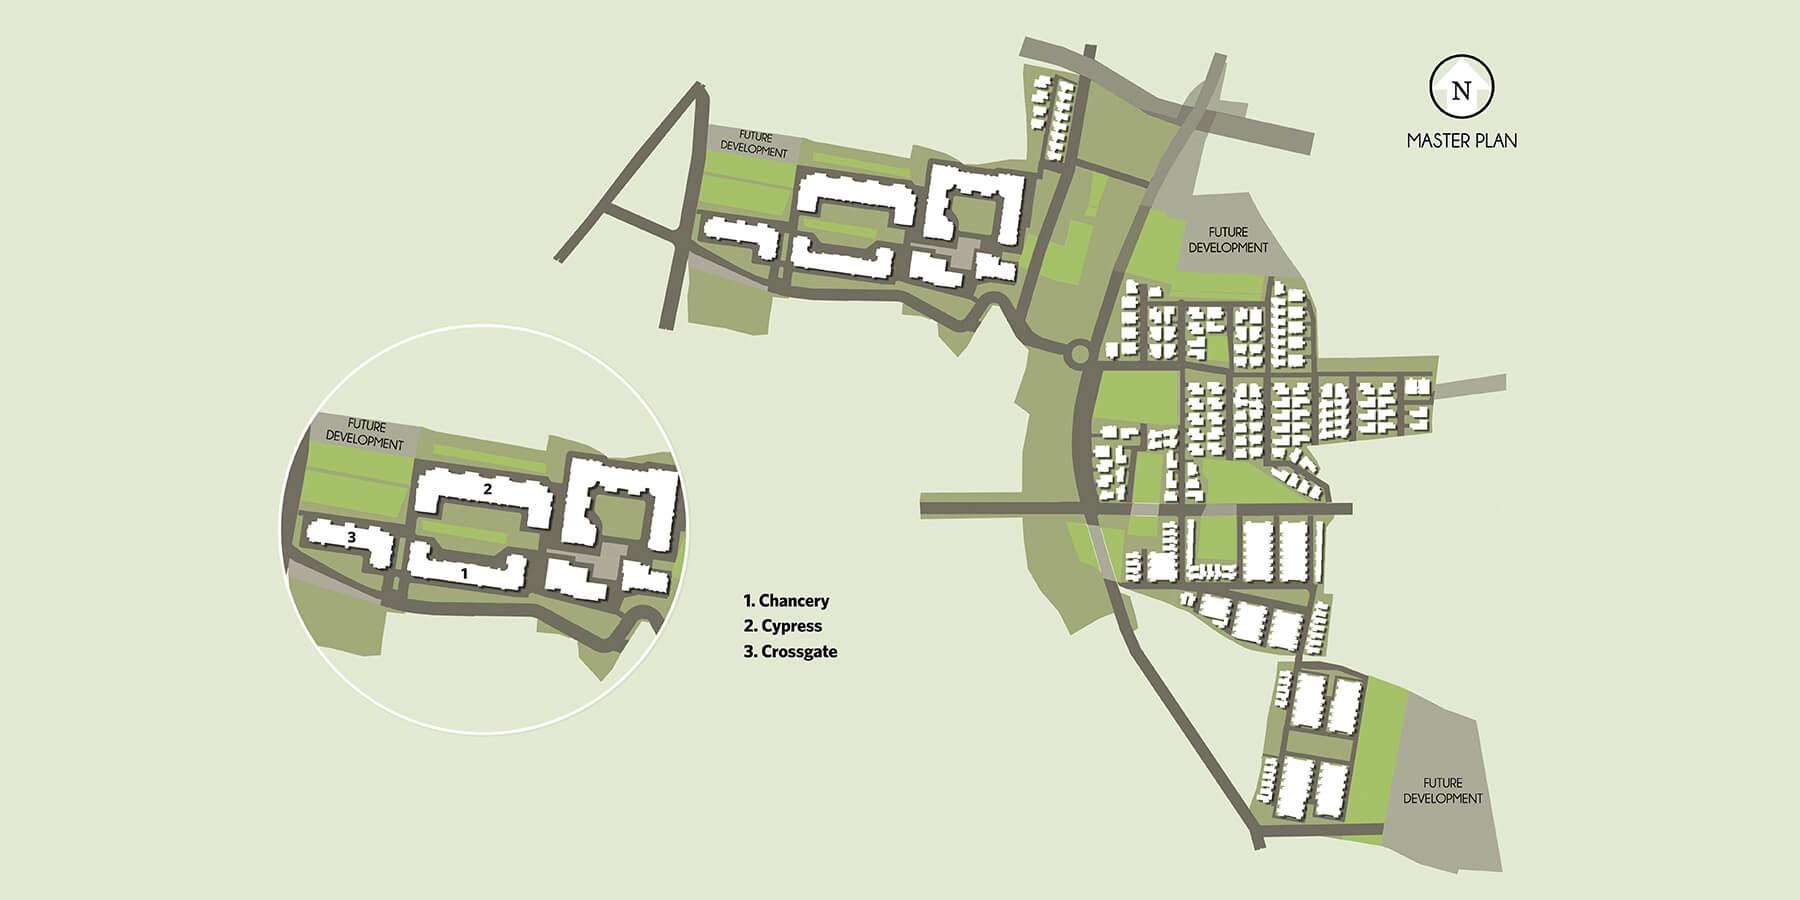 Devanahalli Master Plan